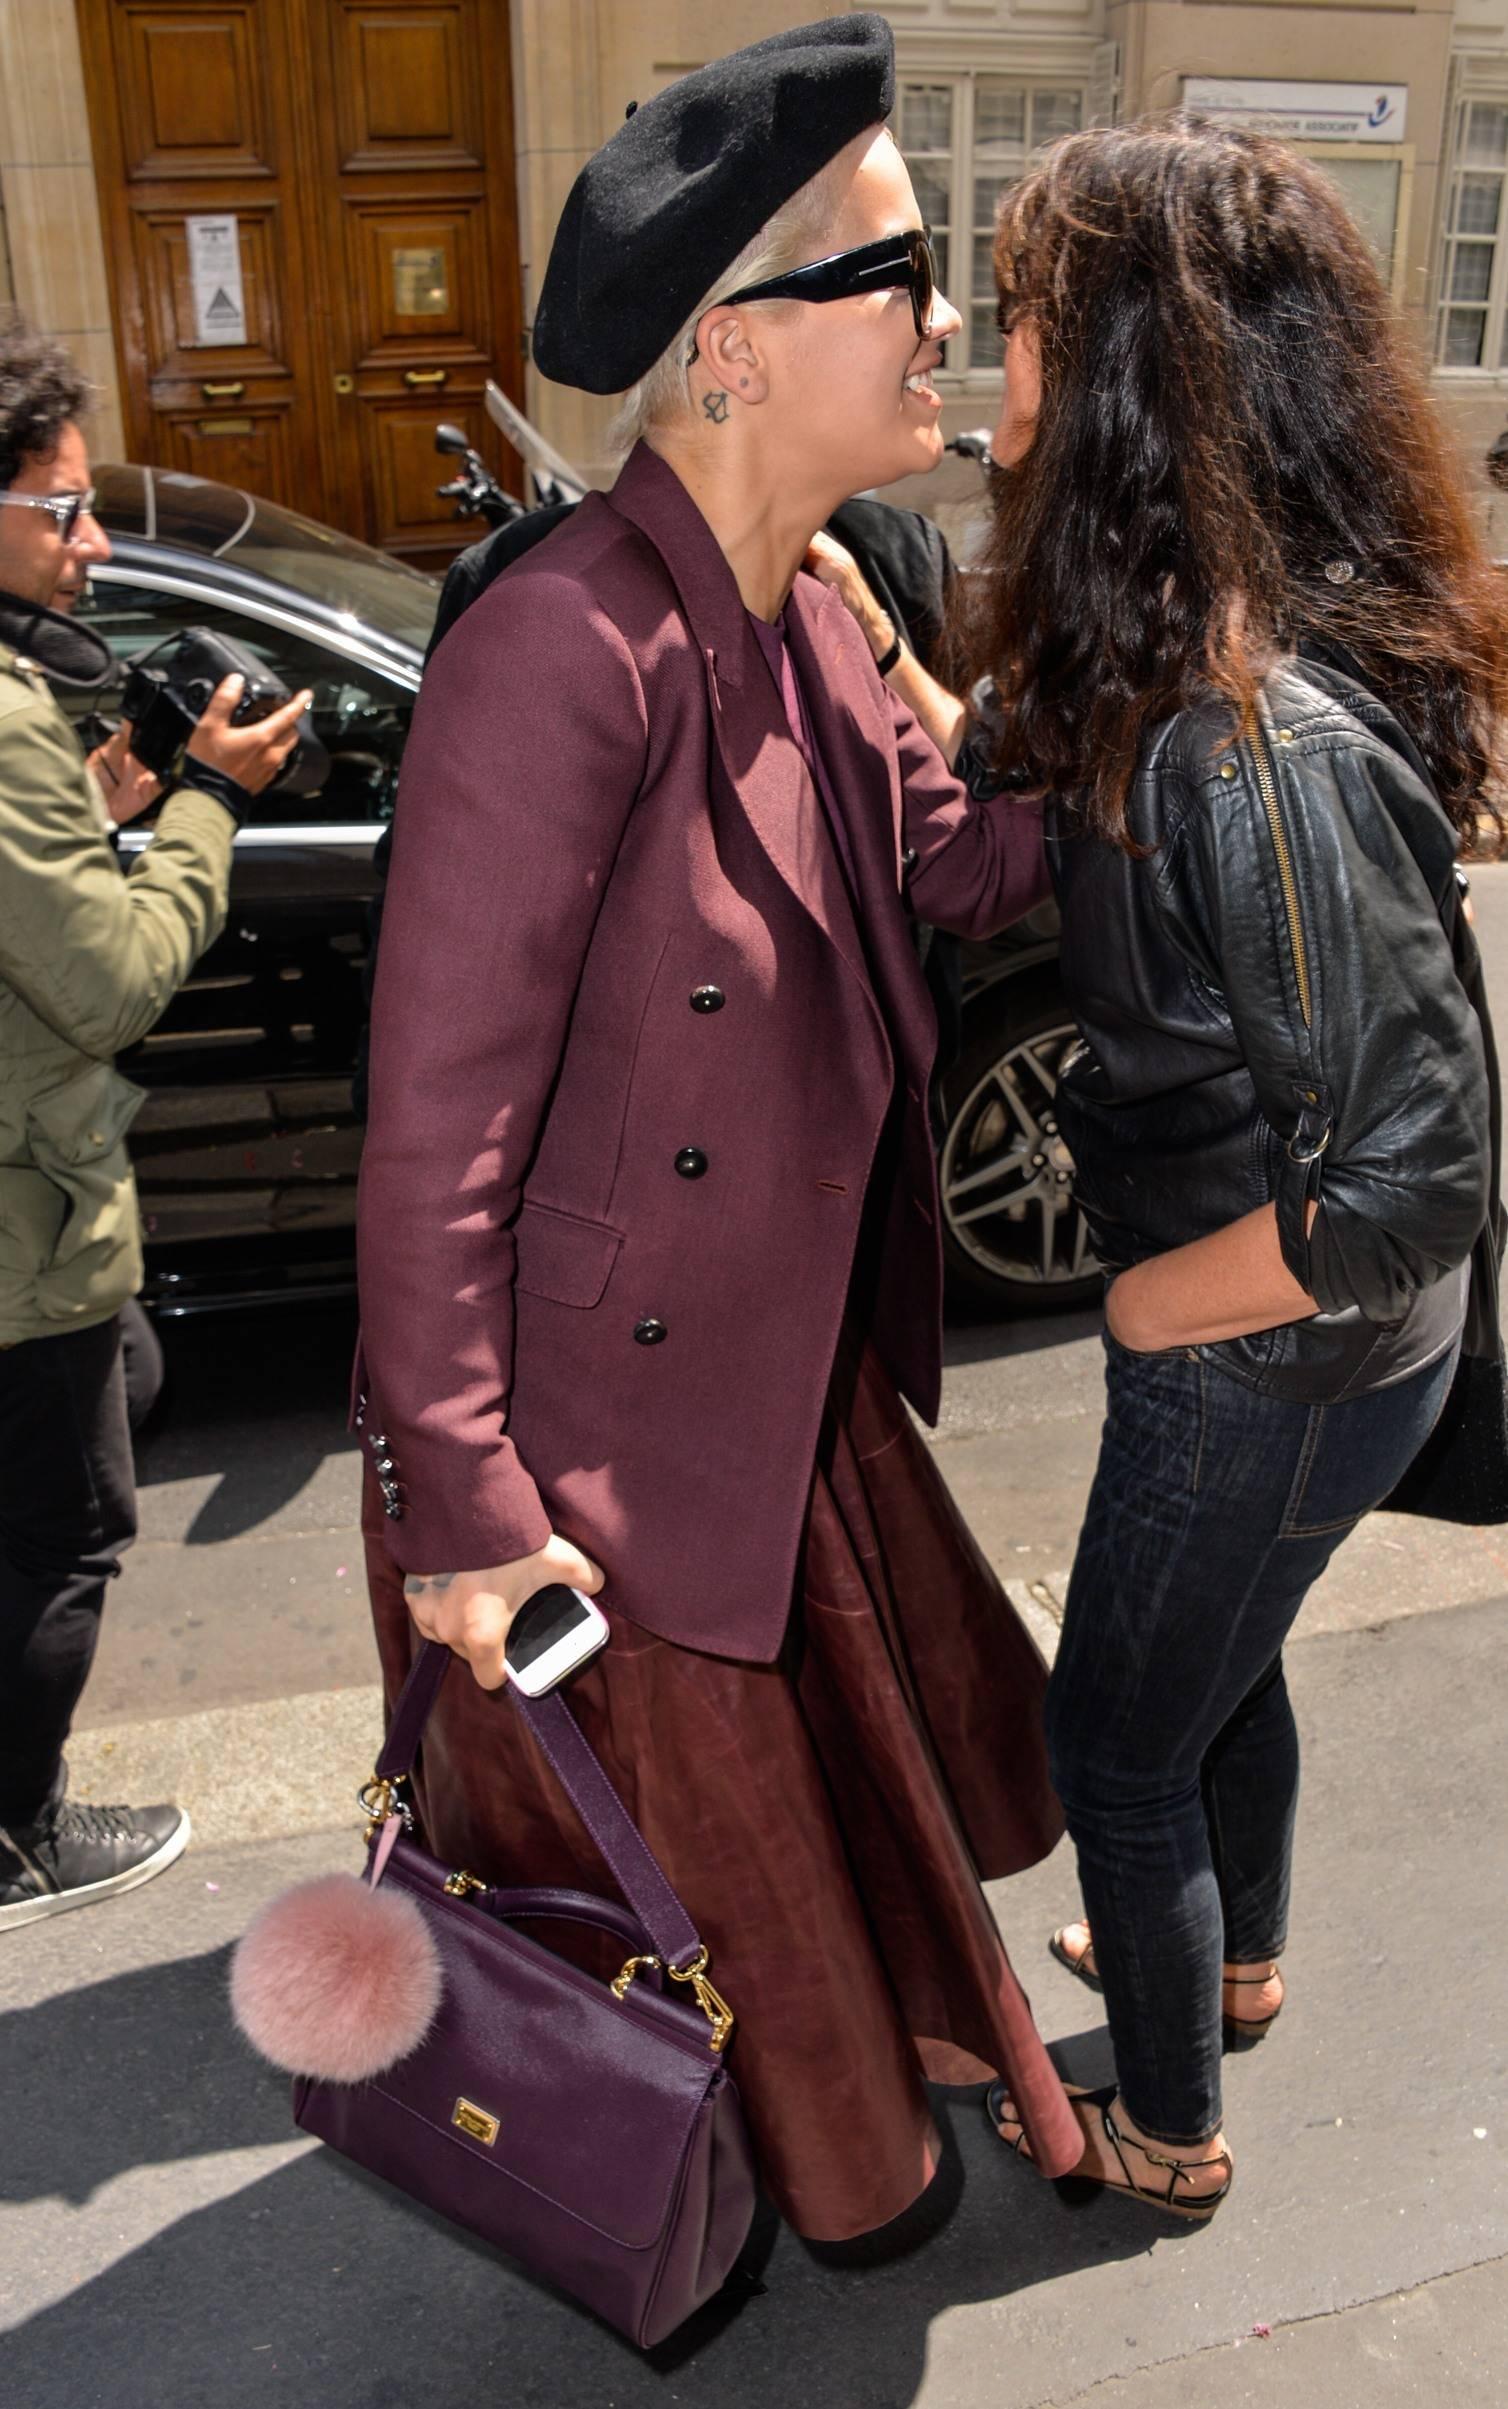 Rita Ora leaving her hotel in Paris